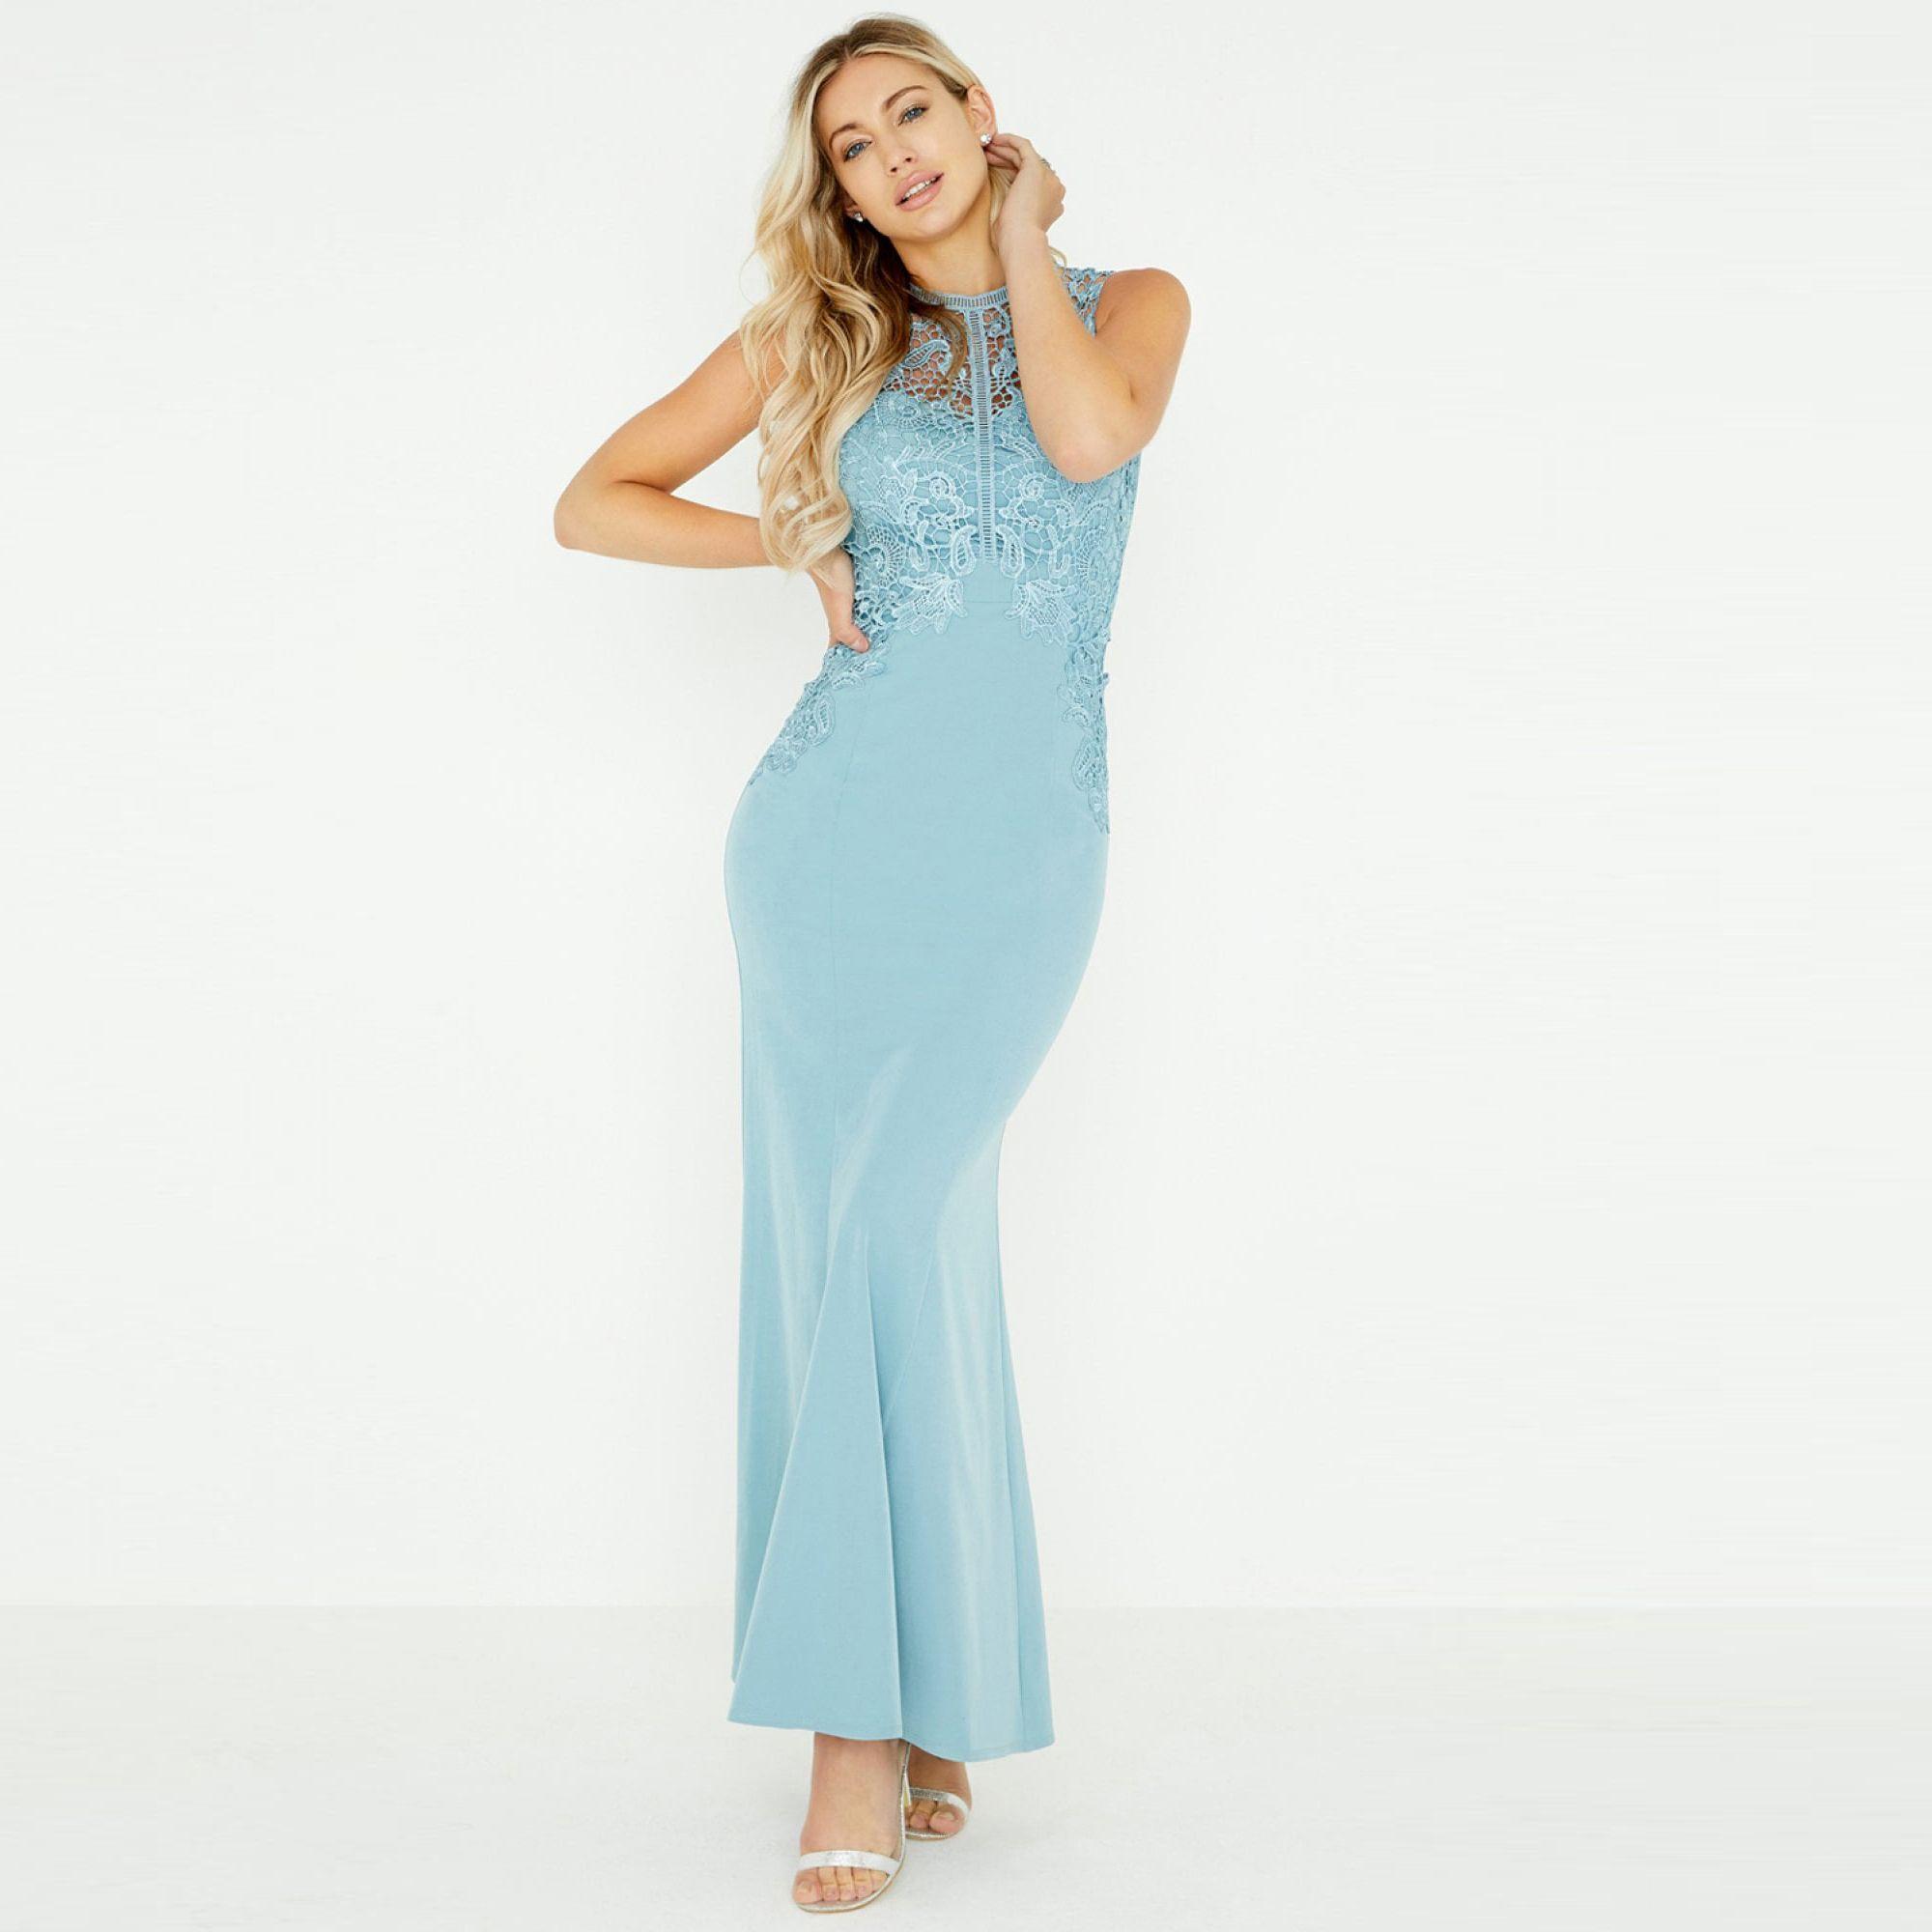 54c24bfd5ec Little Mistress Blue Lizzy Blue Crochet Lace Maxi Dress in Blue - Lyst